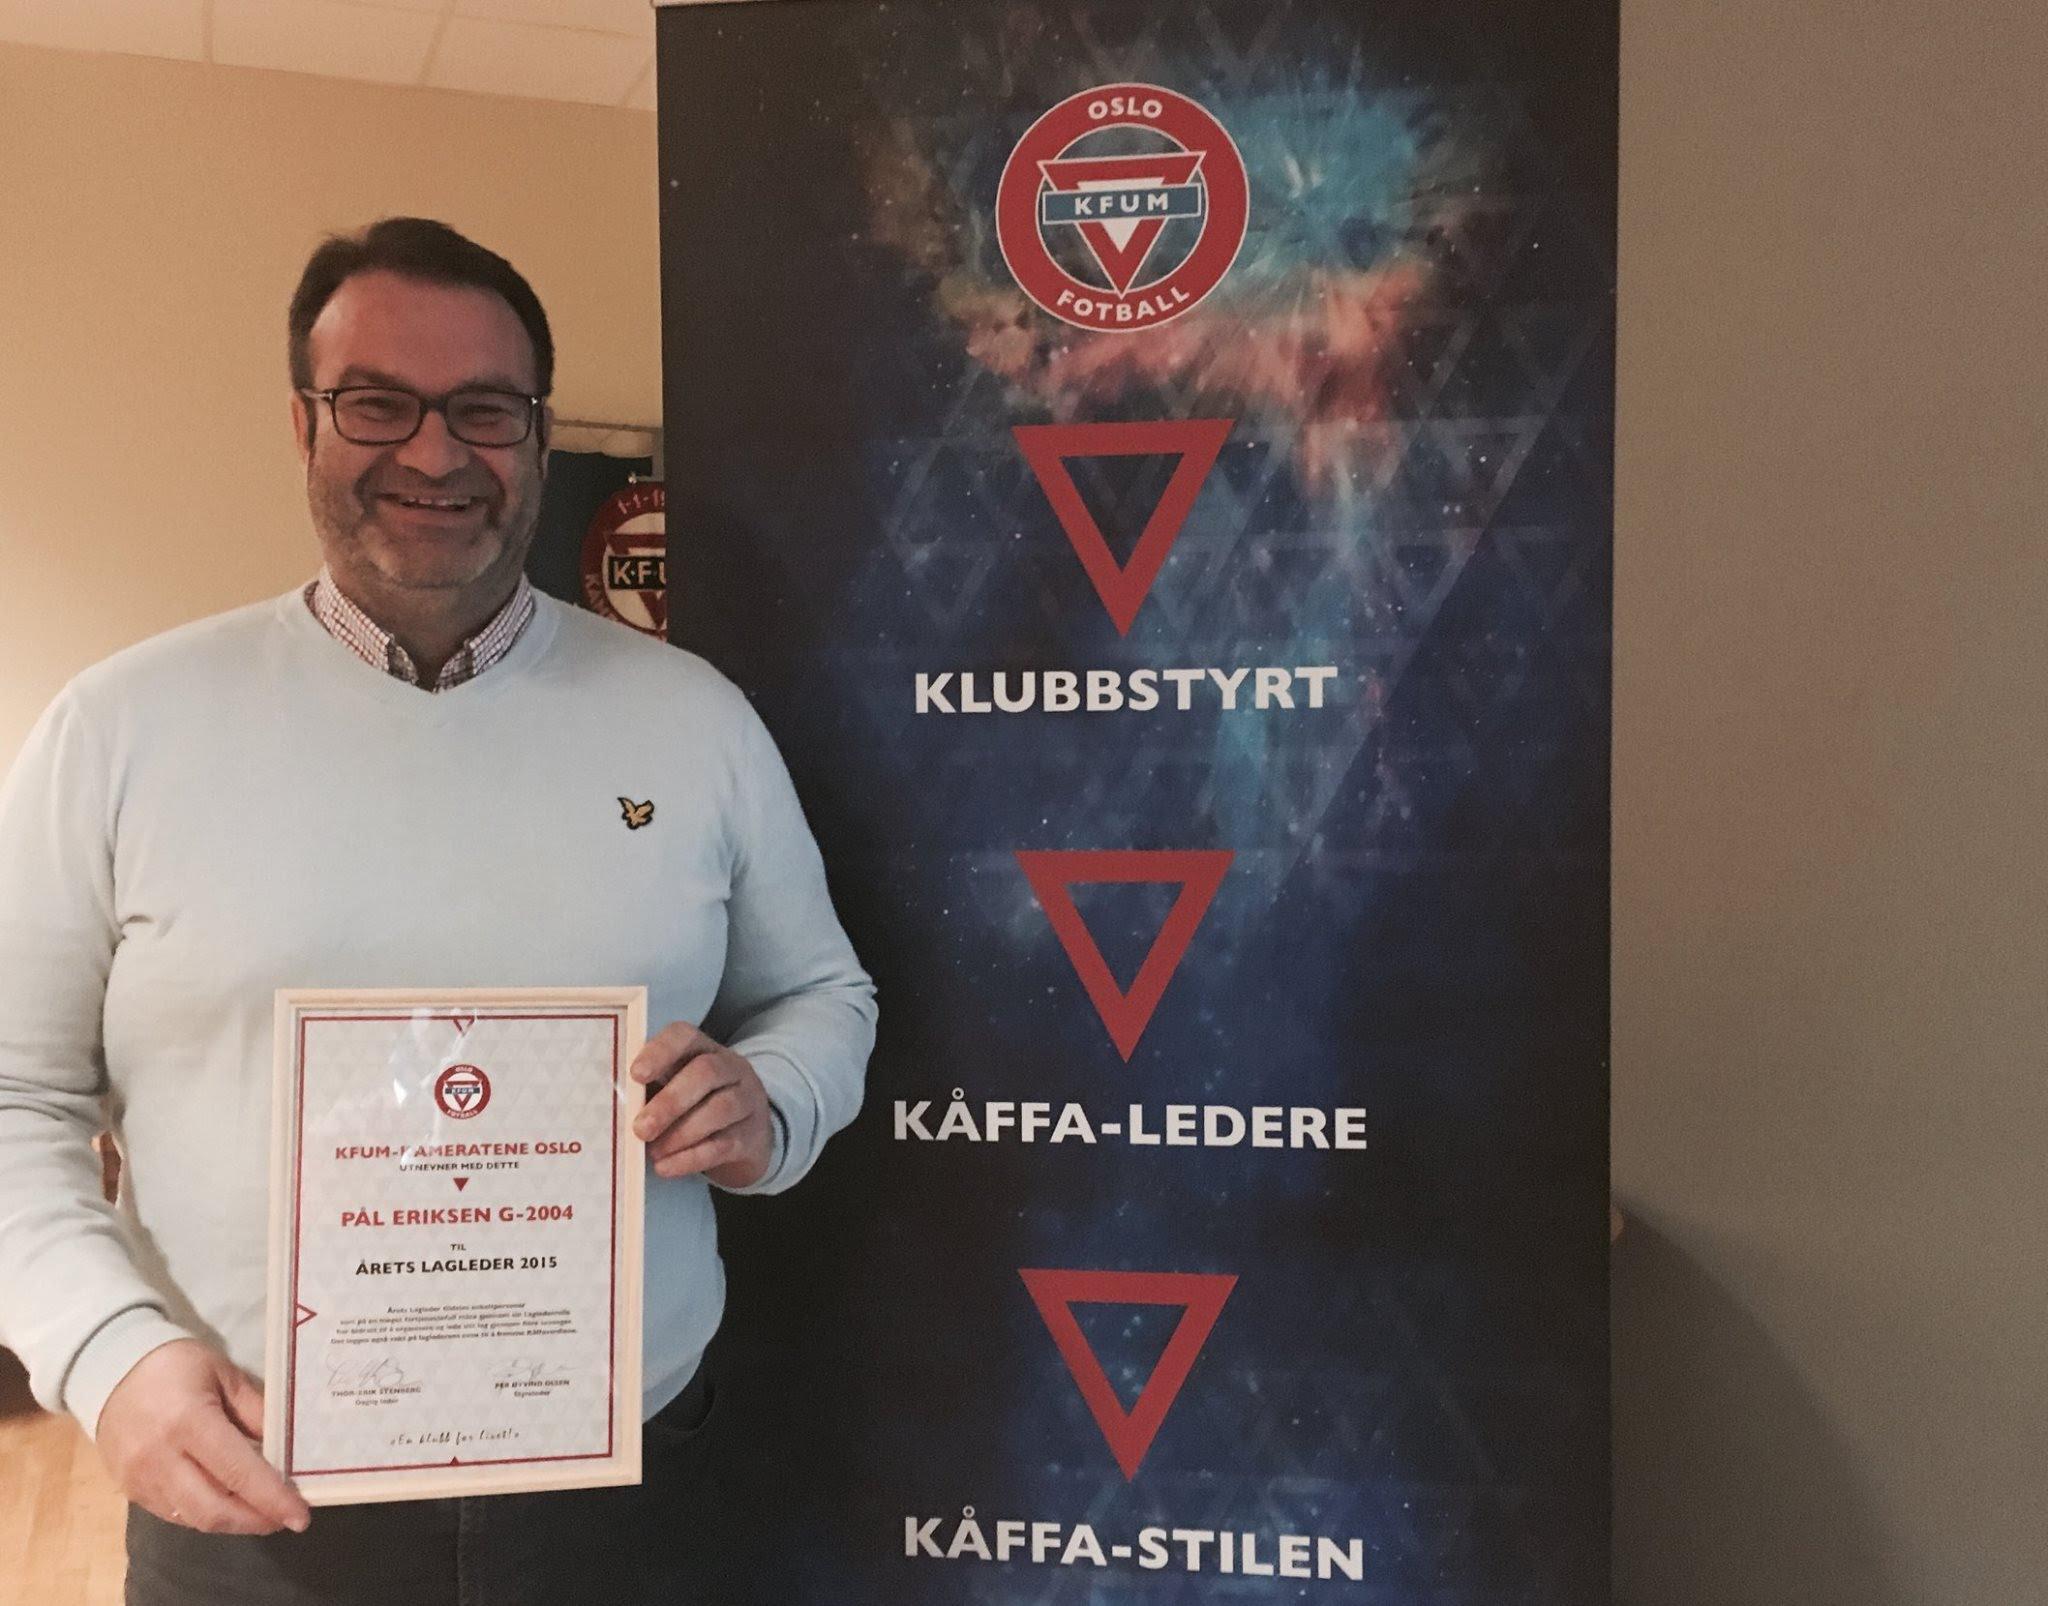 Årets lagleder - Pål Eriksen